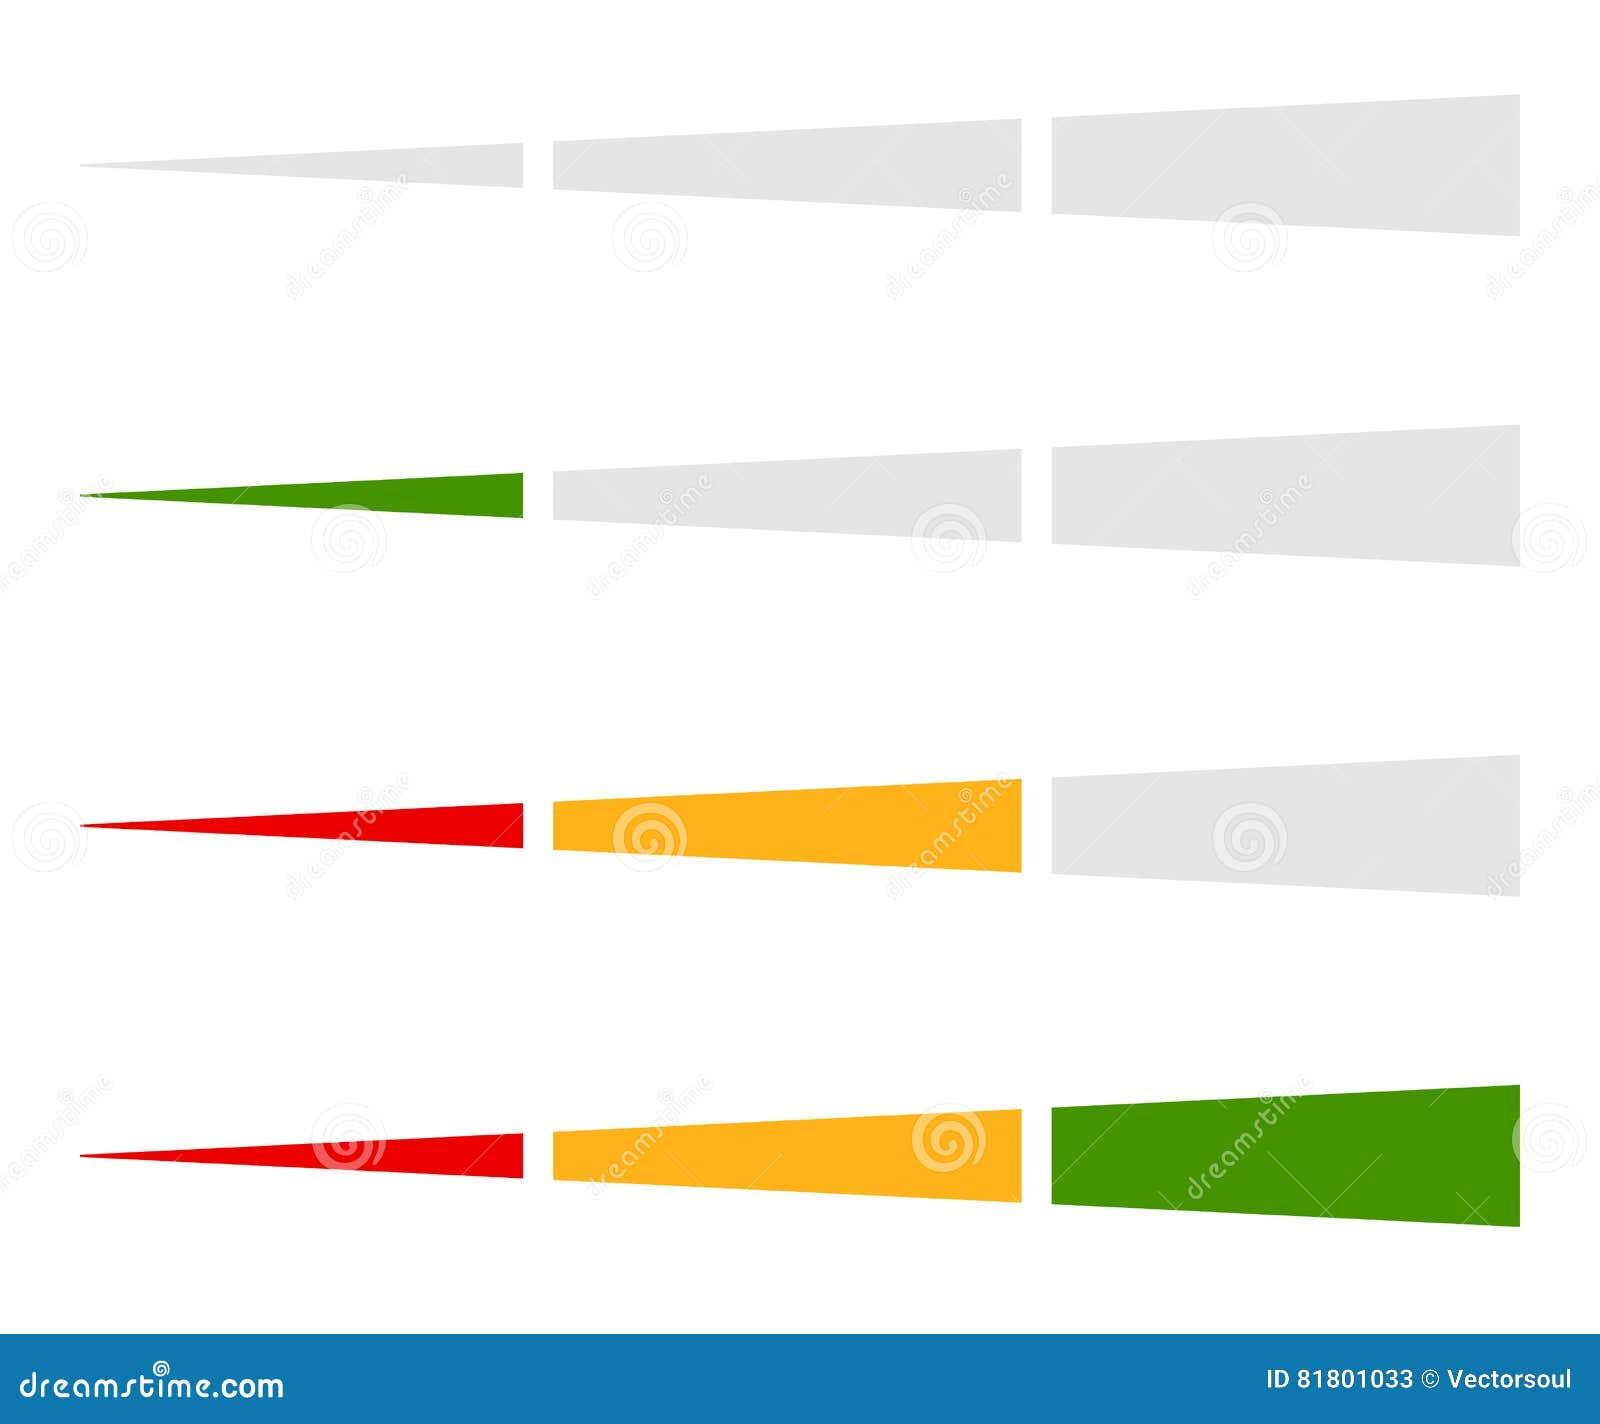 Ровный индикатор, элемент бара прогресса в комплекте